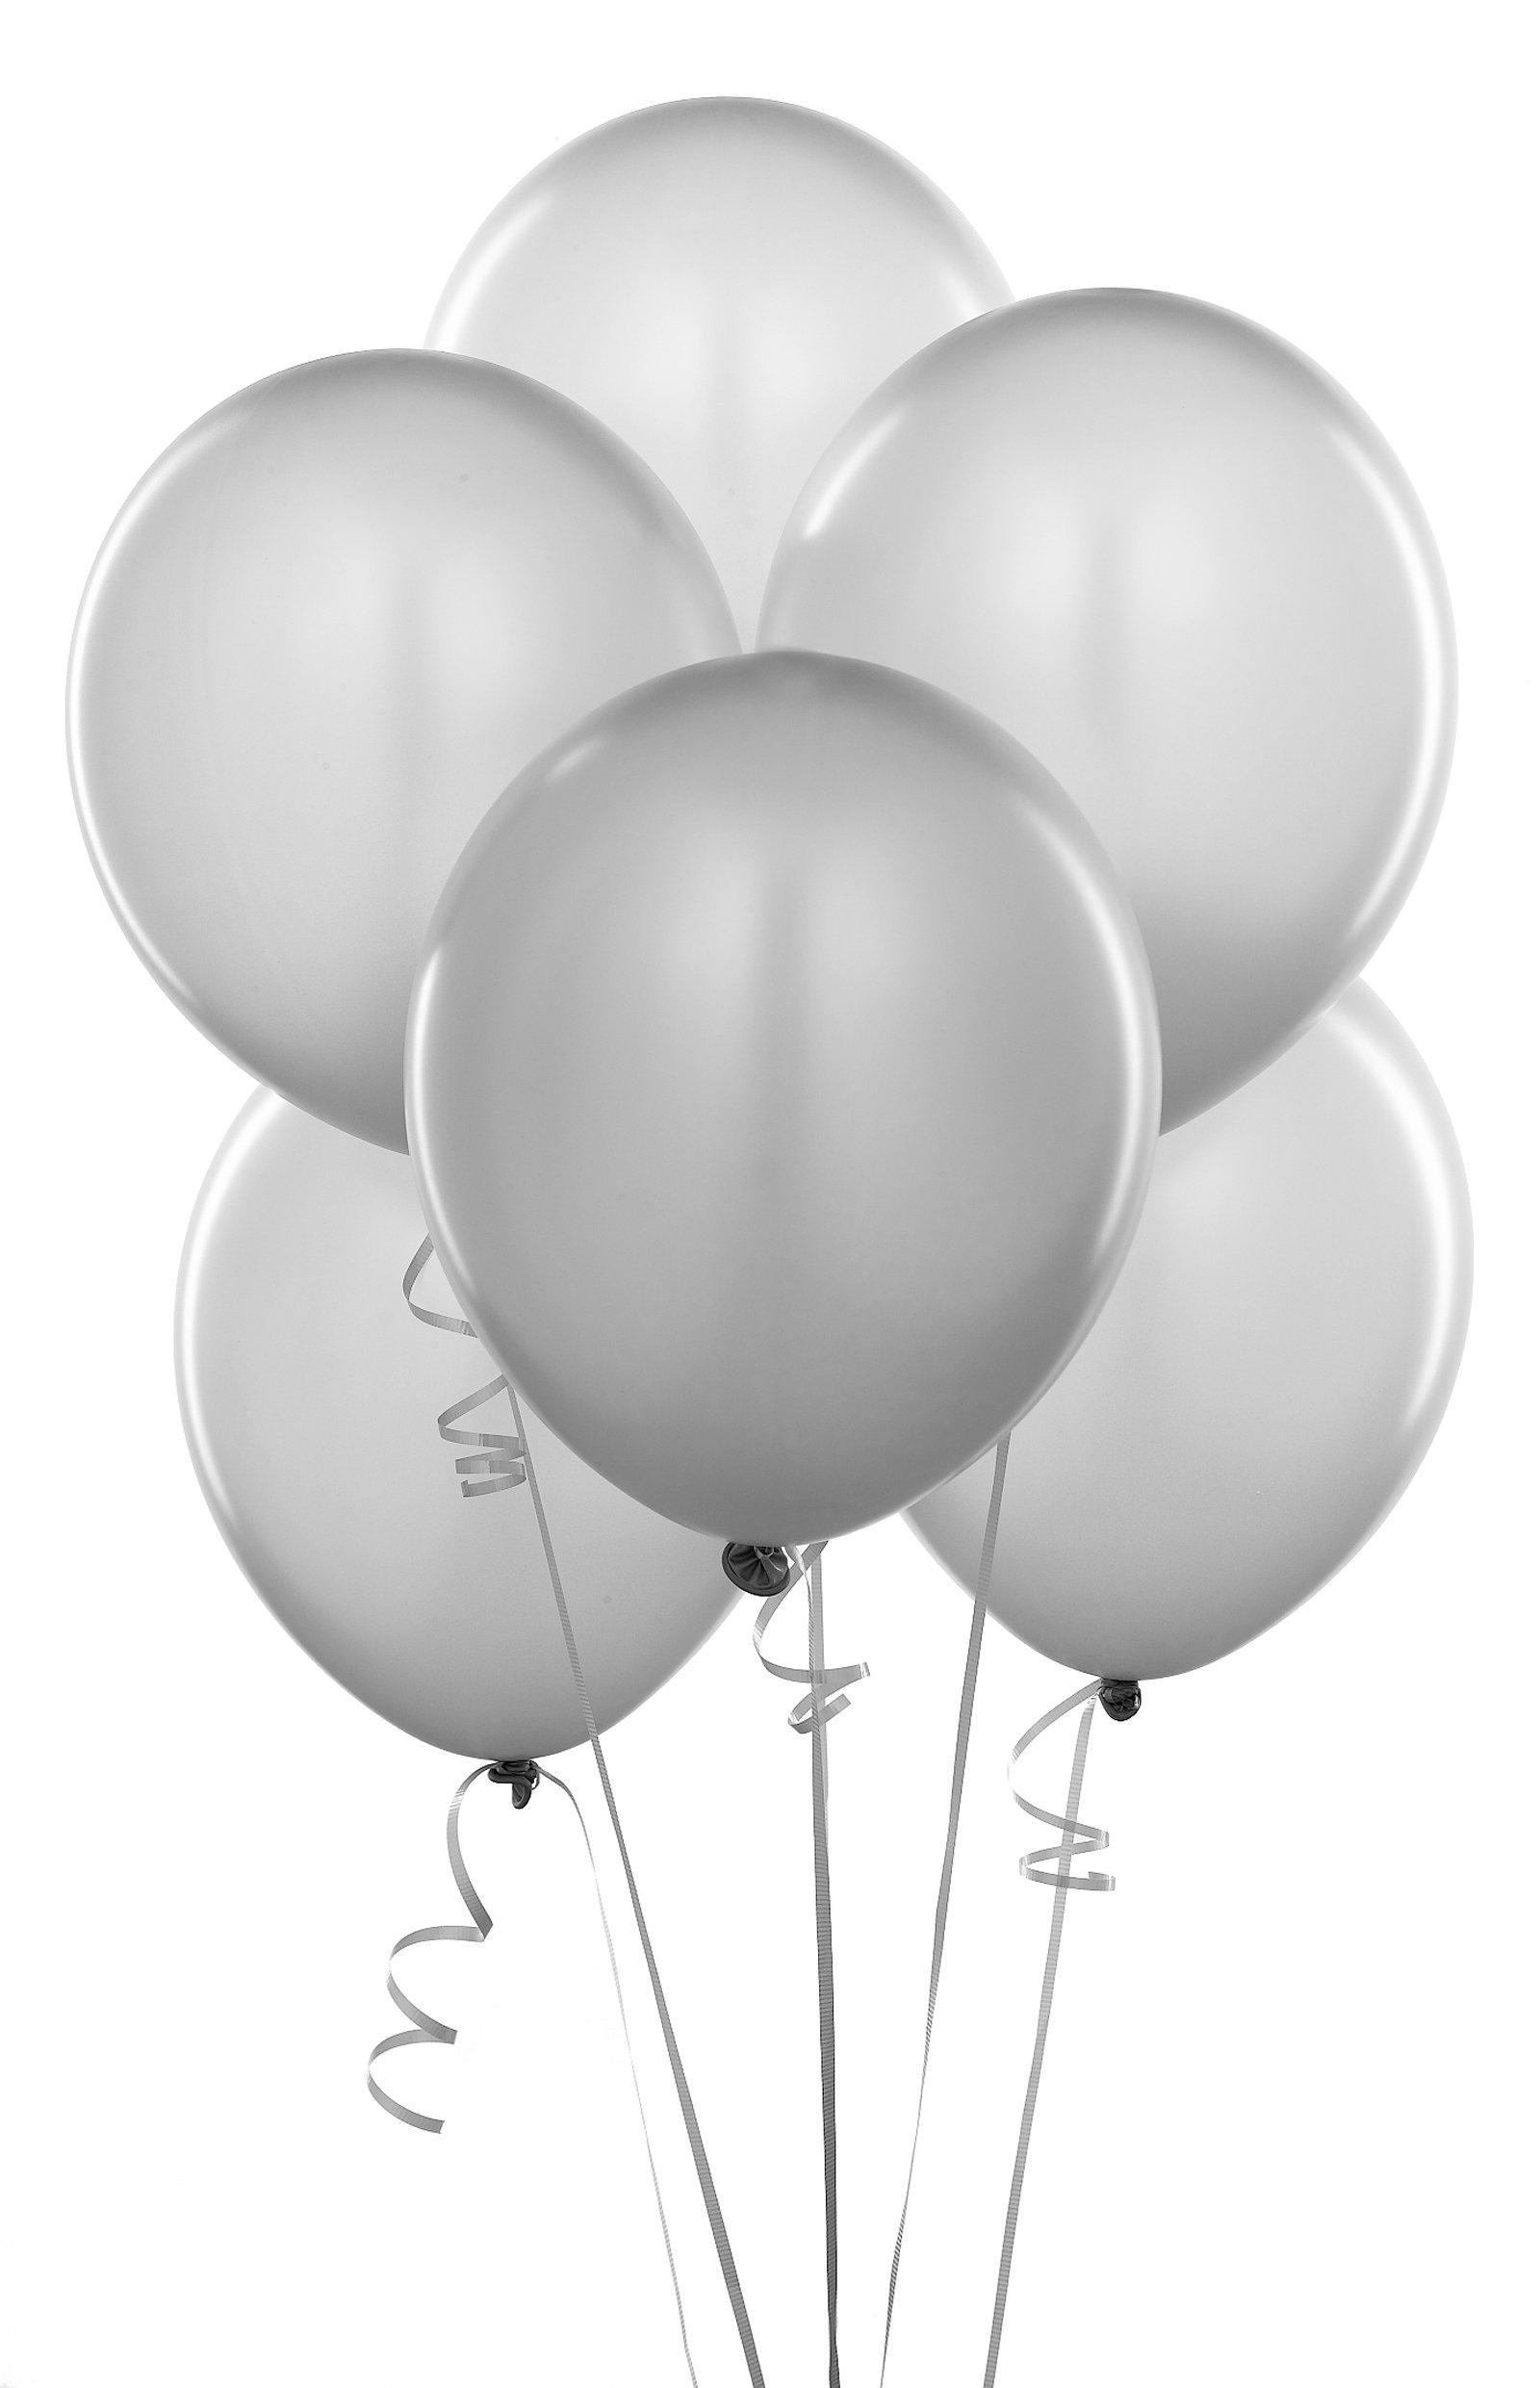 Silver clipart silver balloon Unique of Silver com Balloon